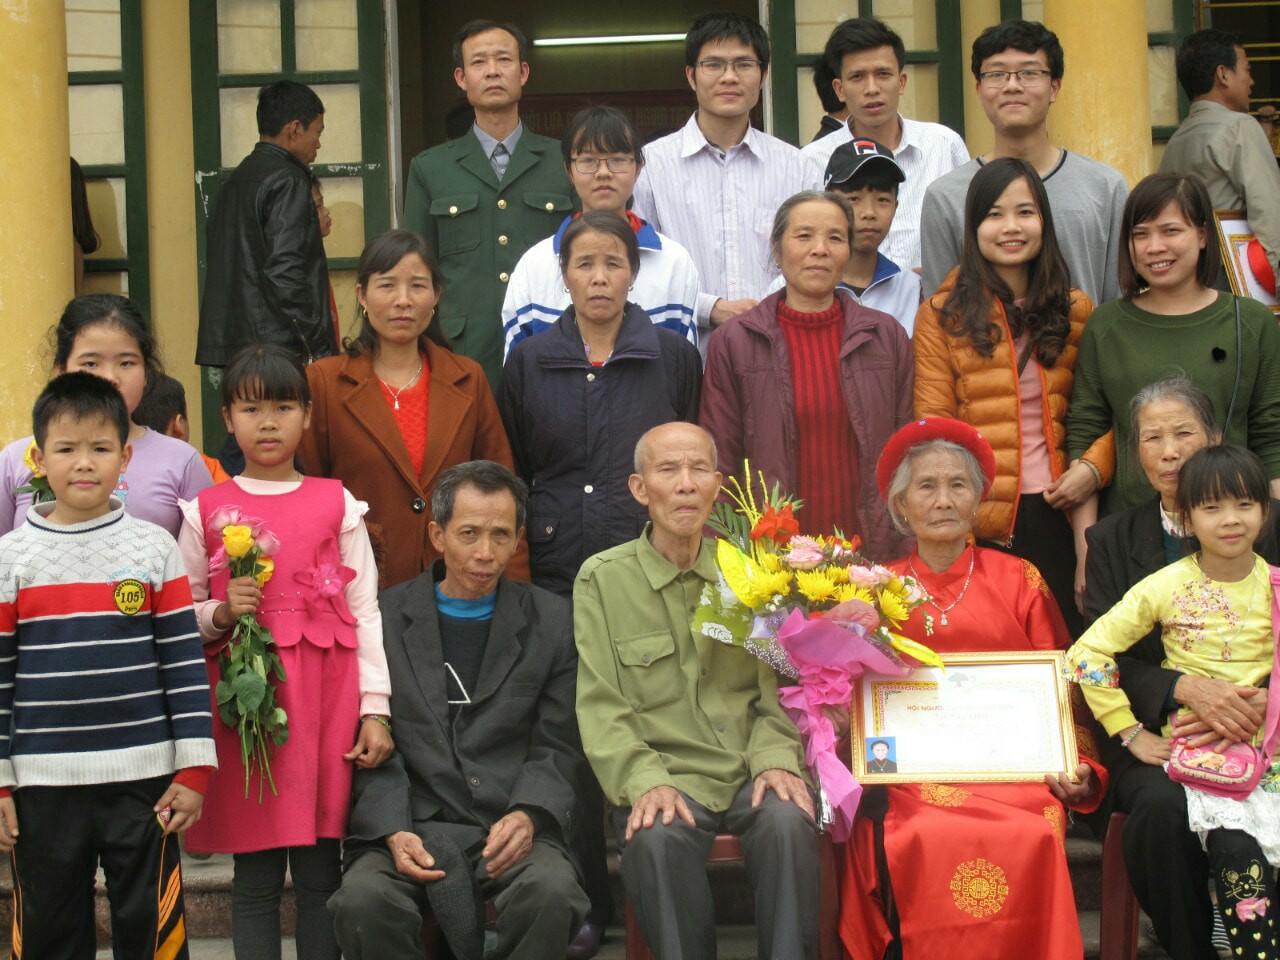 3 thế hệ xuất hiện trong lễ tốt nghiệp của chàng trai từng đạp xe 1000km báo tin cho bố đã mất mình đỗ đại học 4